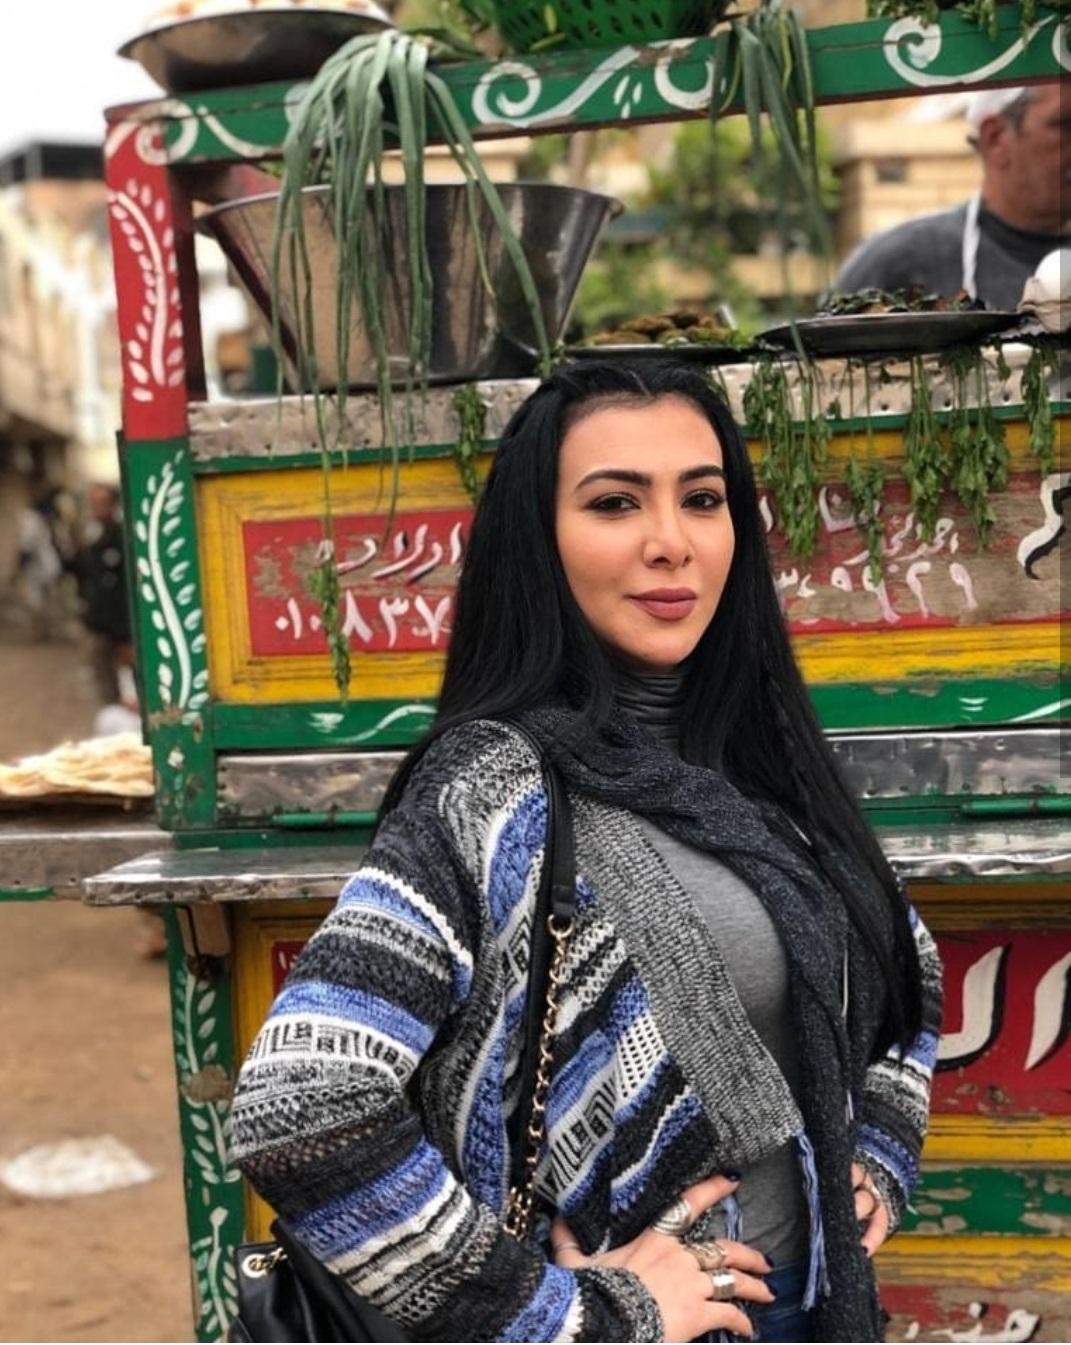 ميرهان حسين فى اول يوم تصوير علامة استفهام